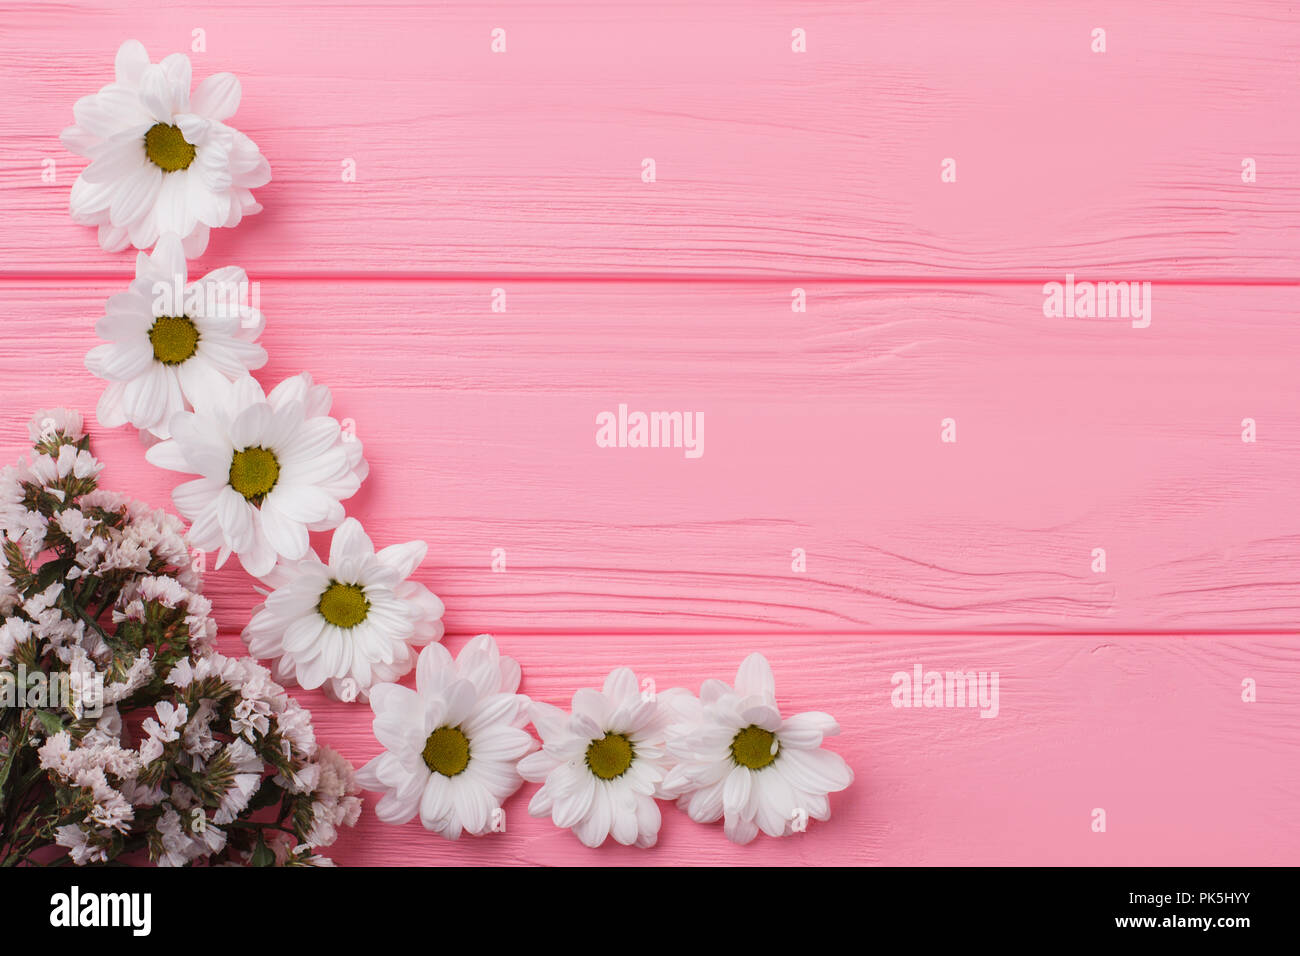 Fondo De Madera Vintage Con Flores Blancas Manzana Y: Blanco Flores De Manzanilla Y Statice Composición En